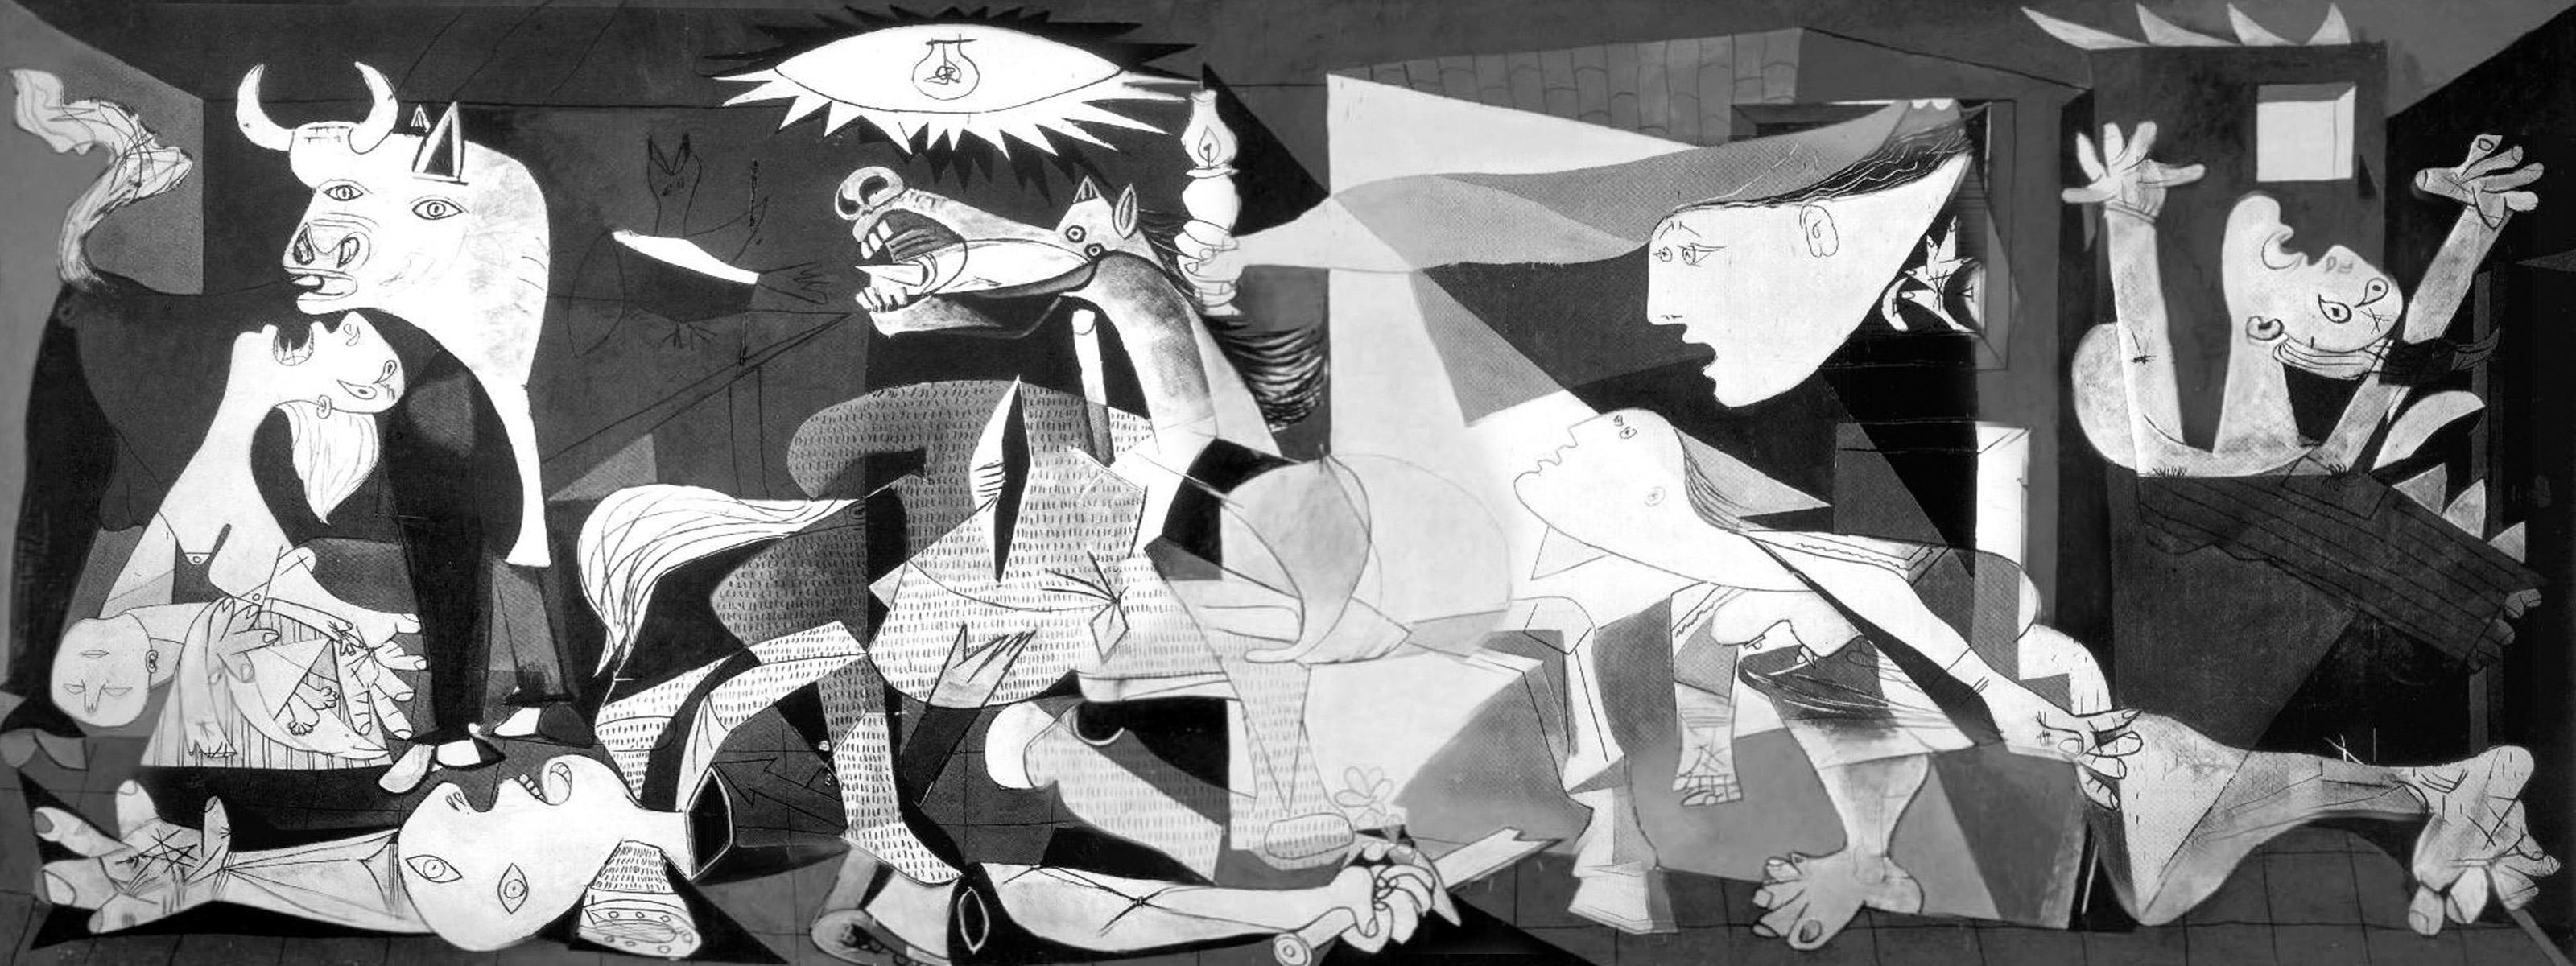 """""""Guernica"""", Pablo Picasso, 1937. Une reconstitution virtuelle en très haute définition célèbre les 80 ans de l'œuvre au musée Reina Sofia de Madrid."""